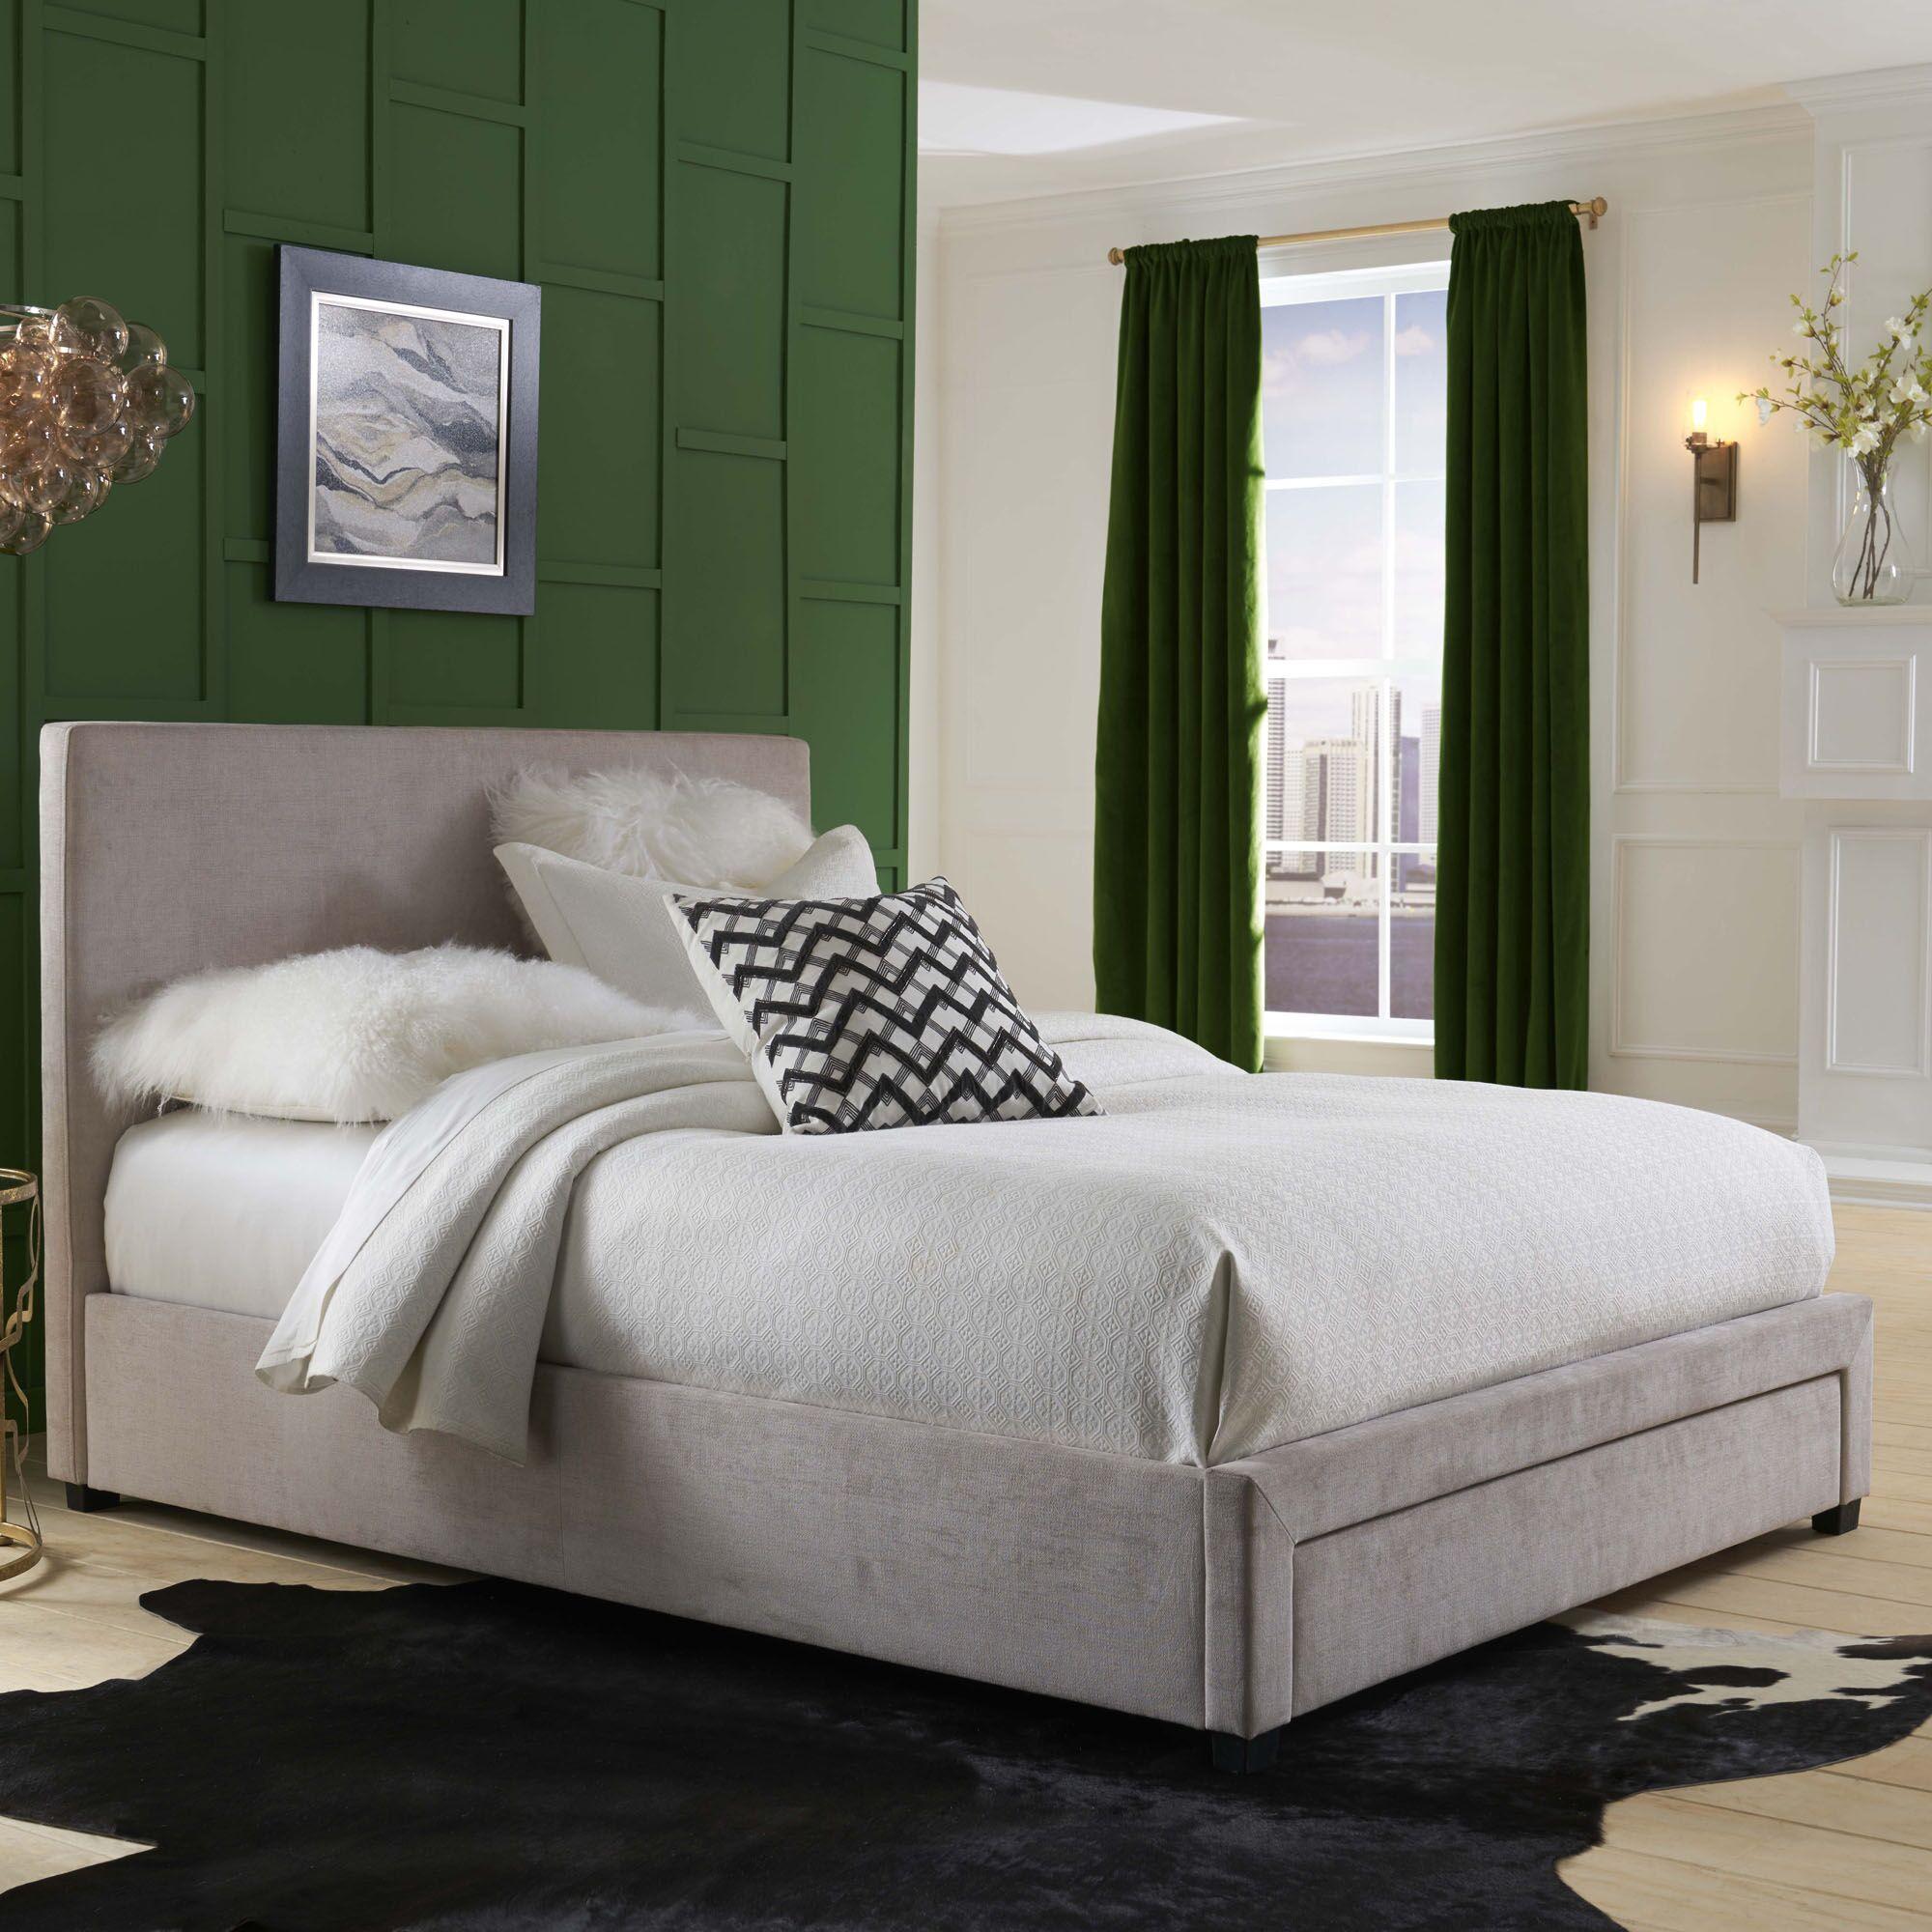 Fortin Upholstered Storage Platform Bed Size: King